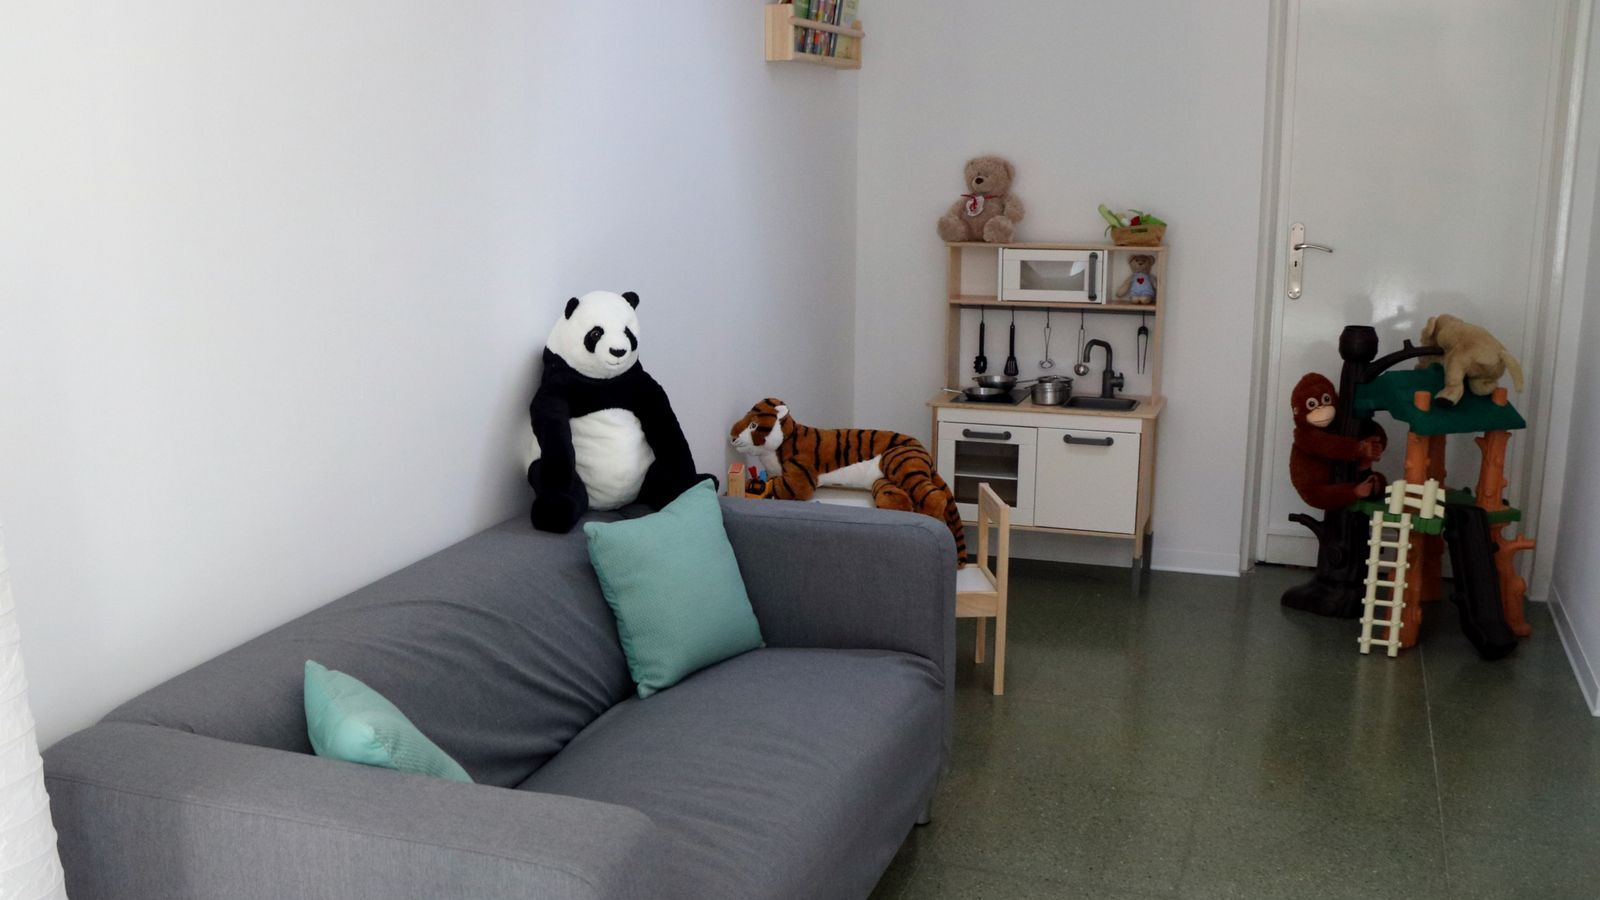 Espai de recepció amb sofà, peluixos i joguines a la nova unitat a Tarragona d'atenció a infants i adolescents víctimes d'abusos sexuals